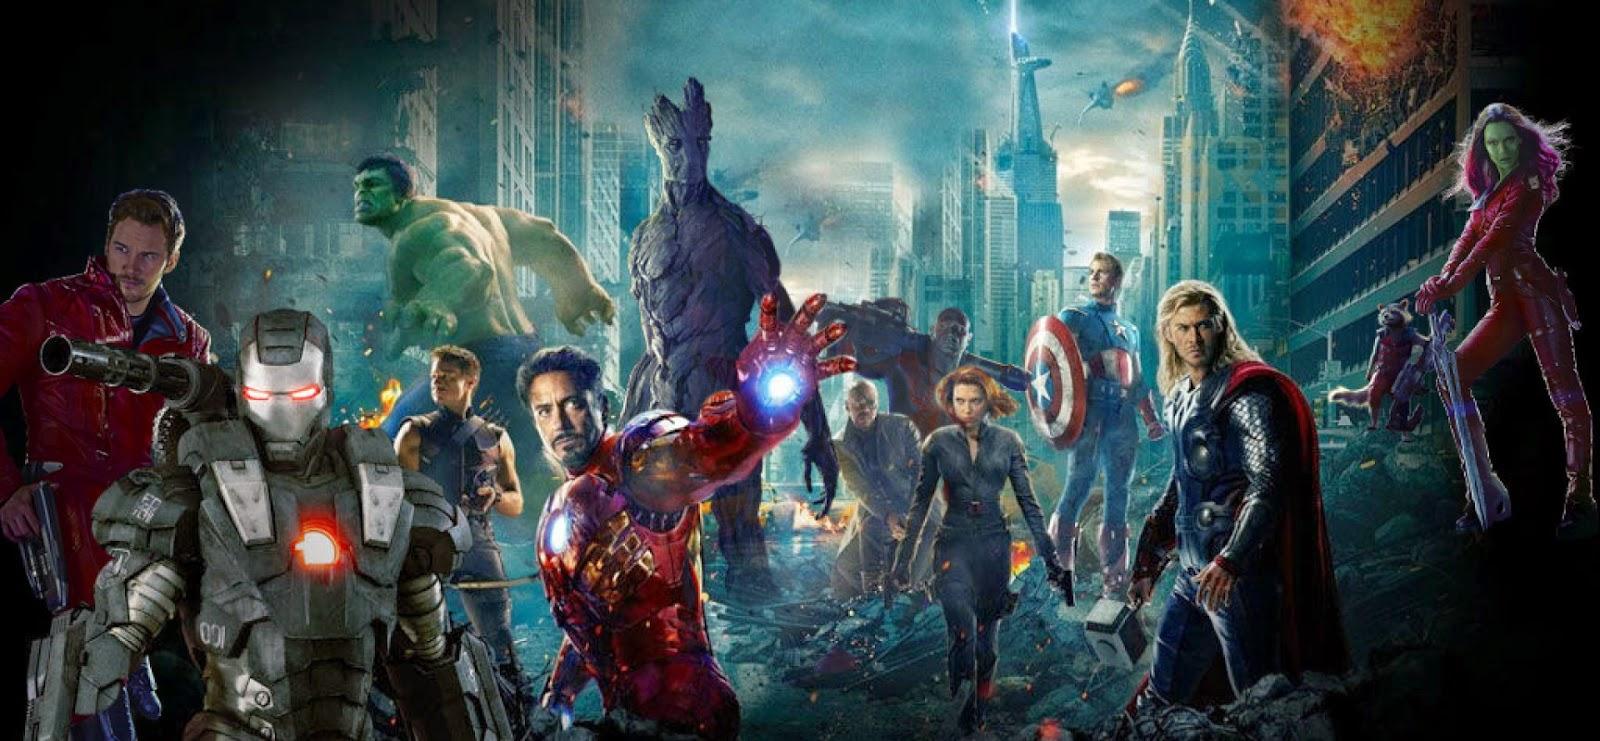 Retrospectiva da Fase 1 e 2 da Marvel Studios revela Thanos, Feiticeira Escarlate e Mercúrio